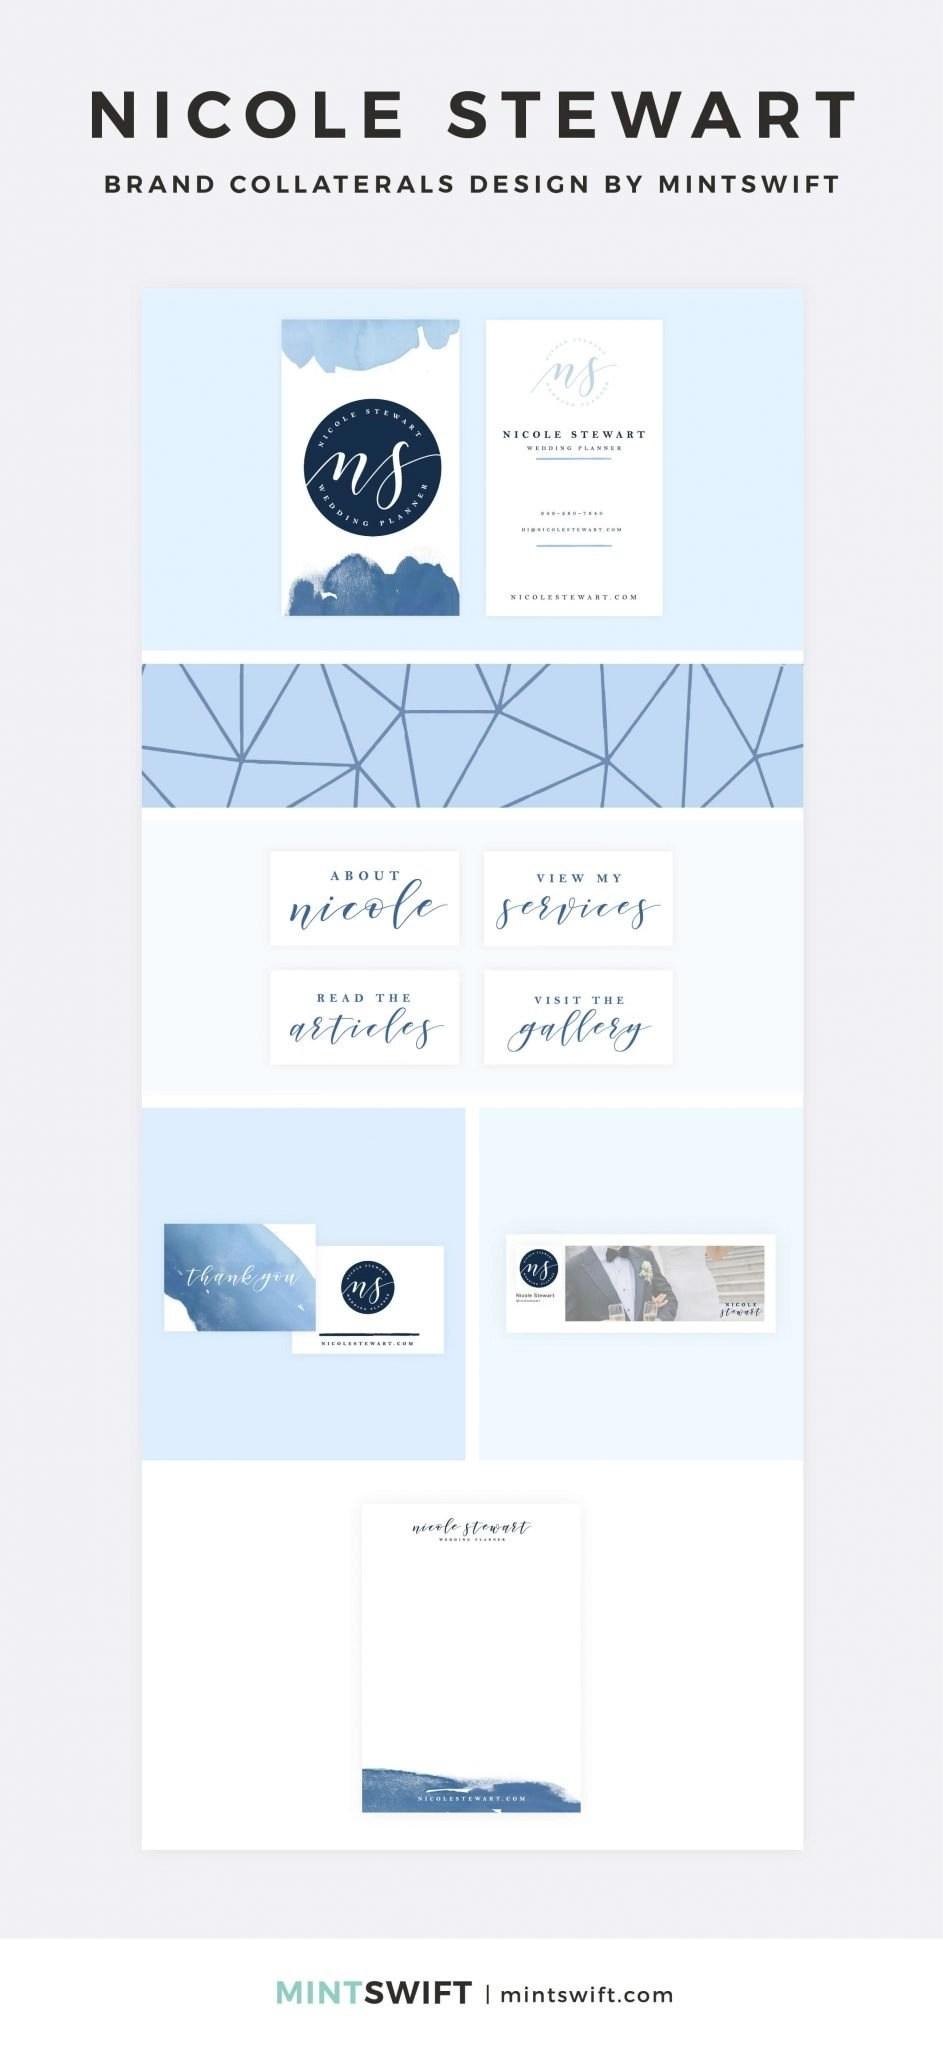 Nicole Stewart - Brand Collaterals Design - MintSwift - Adrianna Leszczynska